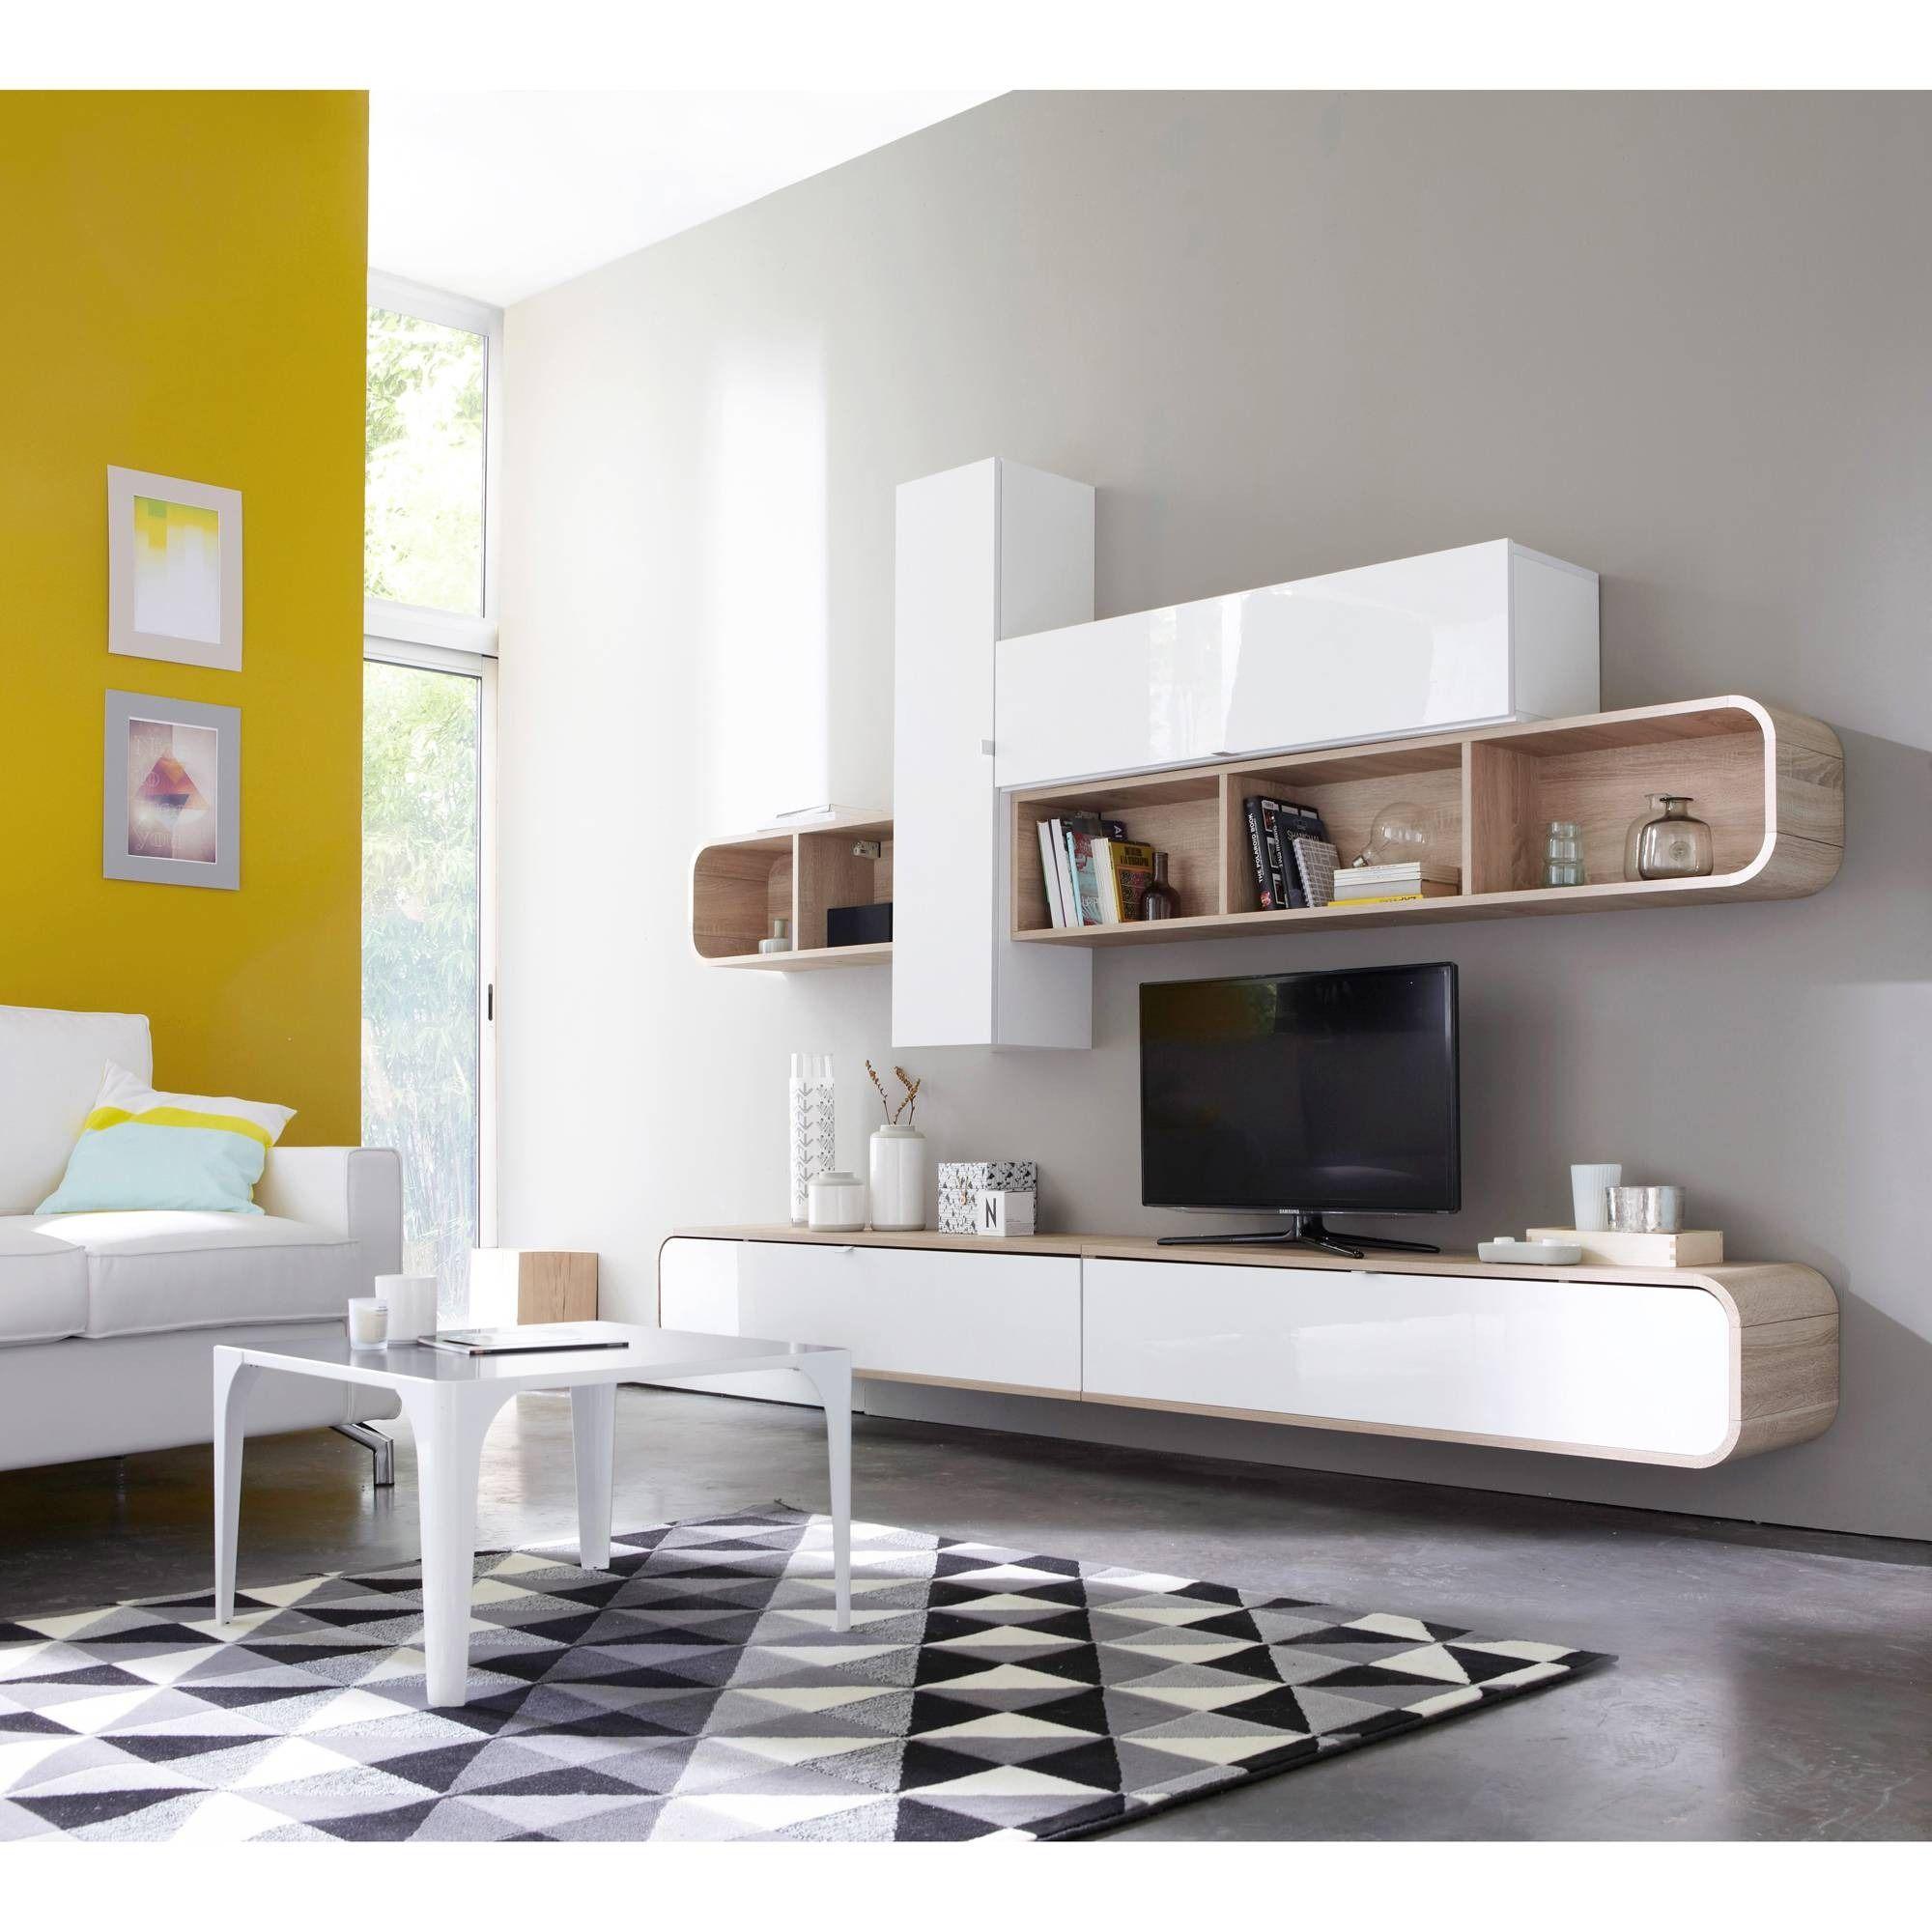 Tapis DIAMANTS - 15Suisses  Meuble interieur, Tapis gris et blanc